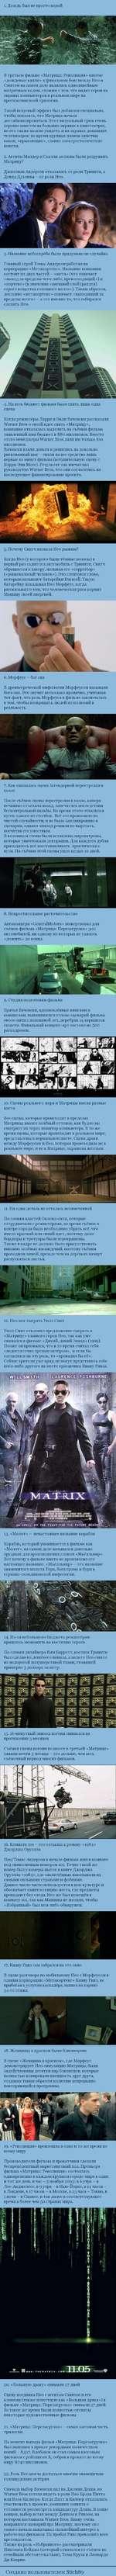 1. Дождь был не просто водой В третьем фильме «Матрица: Революция» многие «дождевые капли» в финальном бою между Нео и Смитом на самом деле являлись однолинейным матричным кодом, схожим с тем, что видят герои на экранах компьютеров в реальном мире на протяжении всей трилогии. Такой искусный эффек